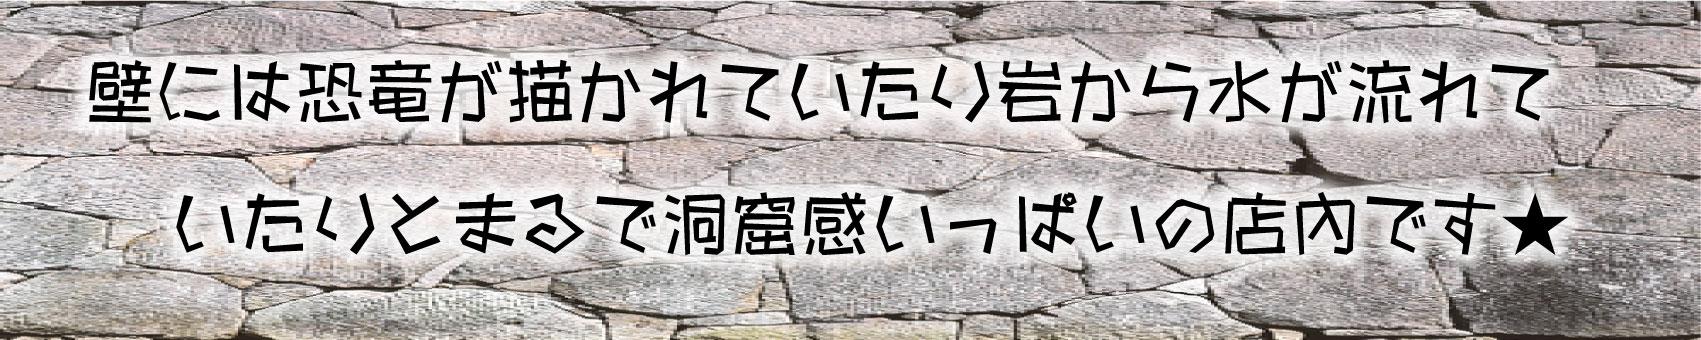 洞窟ダイニング MAMMOTHCAVE (マンモスケイブ) 〒286-0033 千葉県成田市花崎町538 はやしビル2F